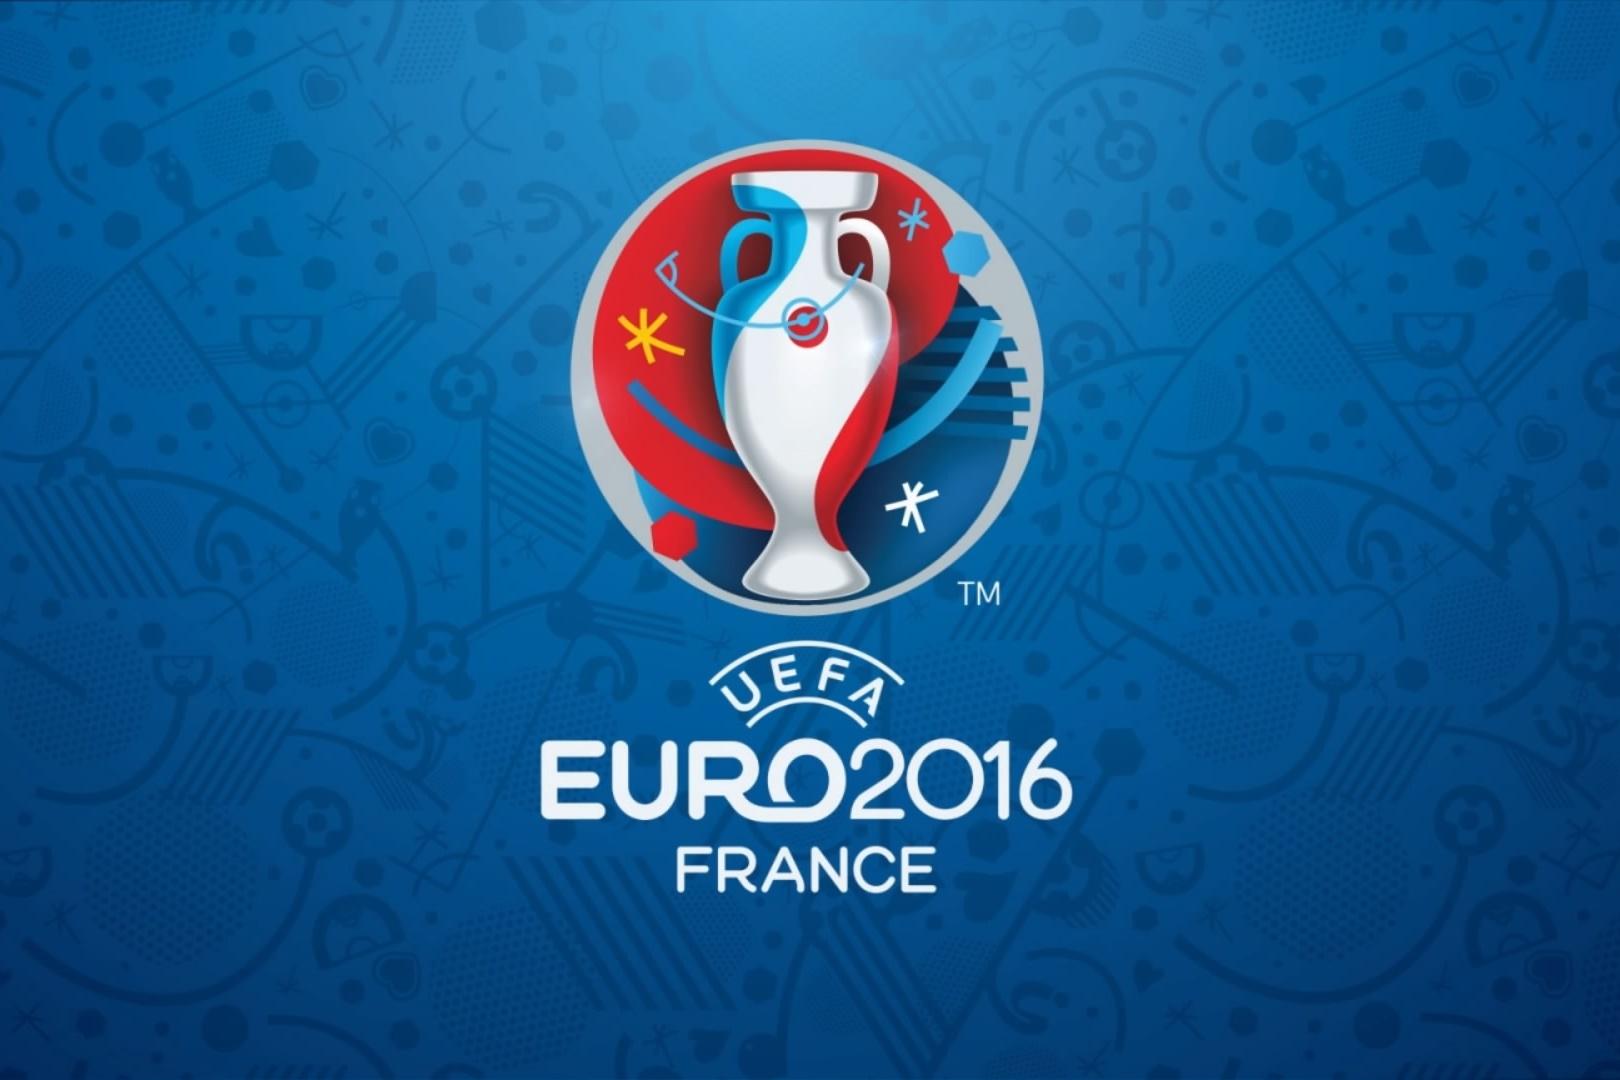 Imagem de Final da Eurocopa será transmitida em 4K no Brasil para TVs LG com WebOS no tecmundo